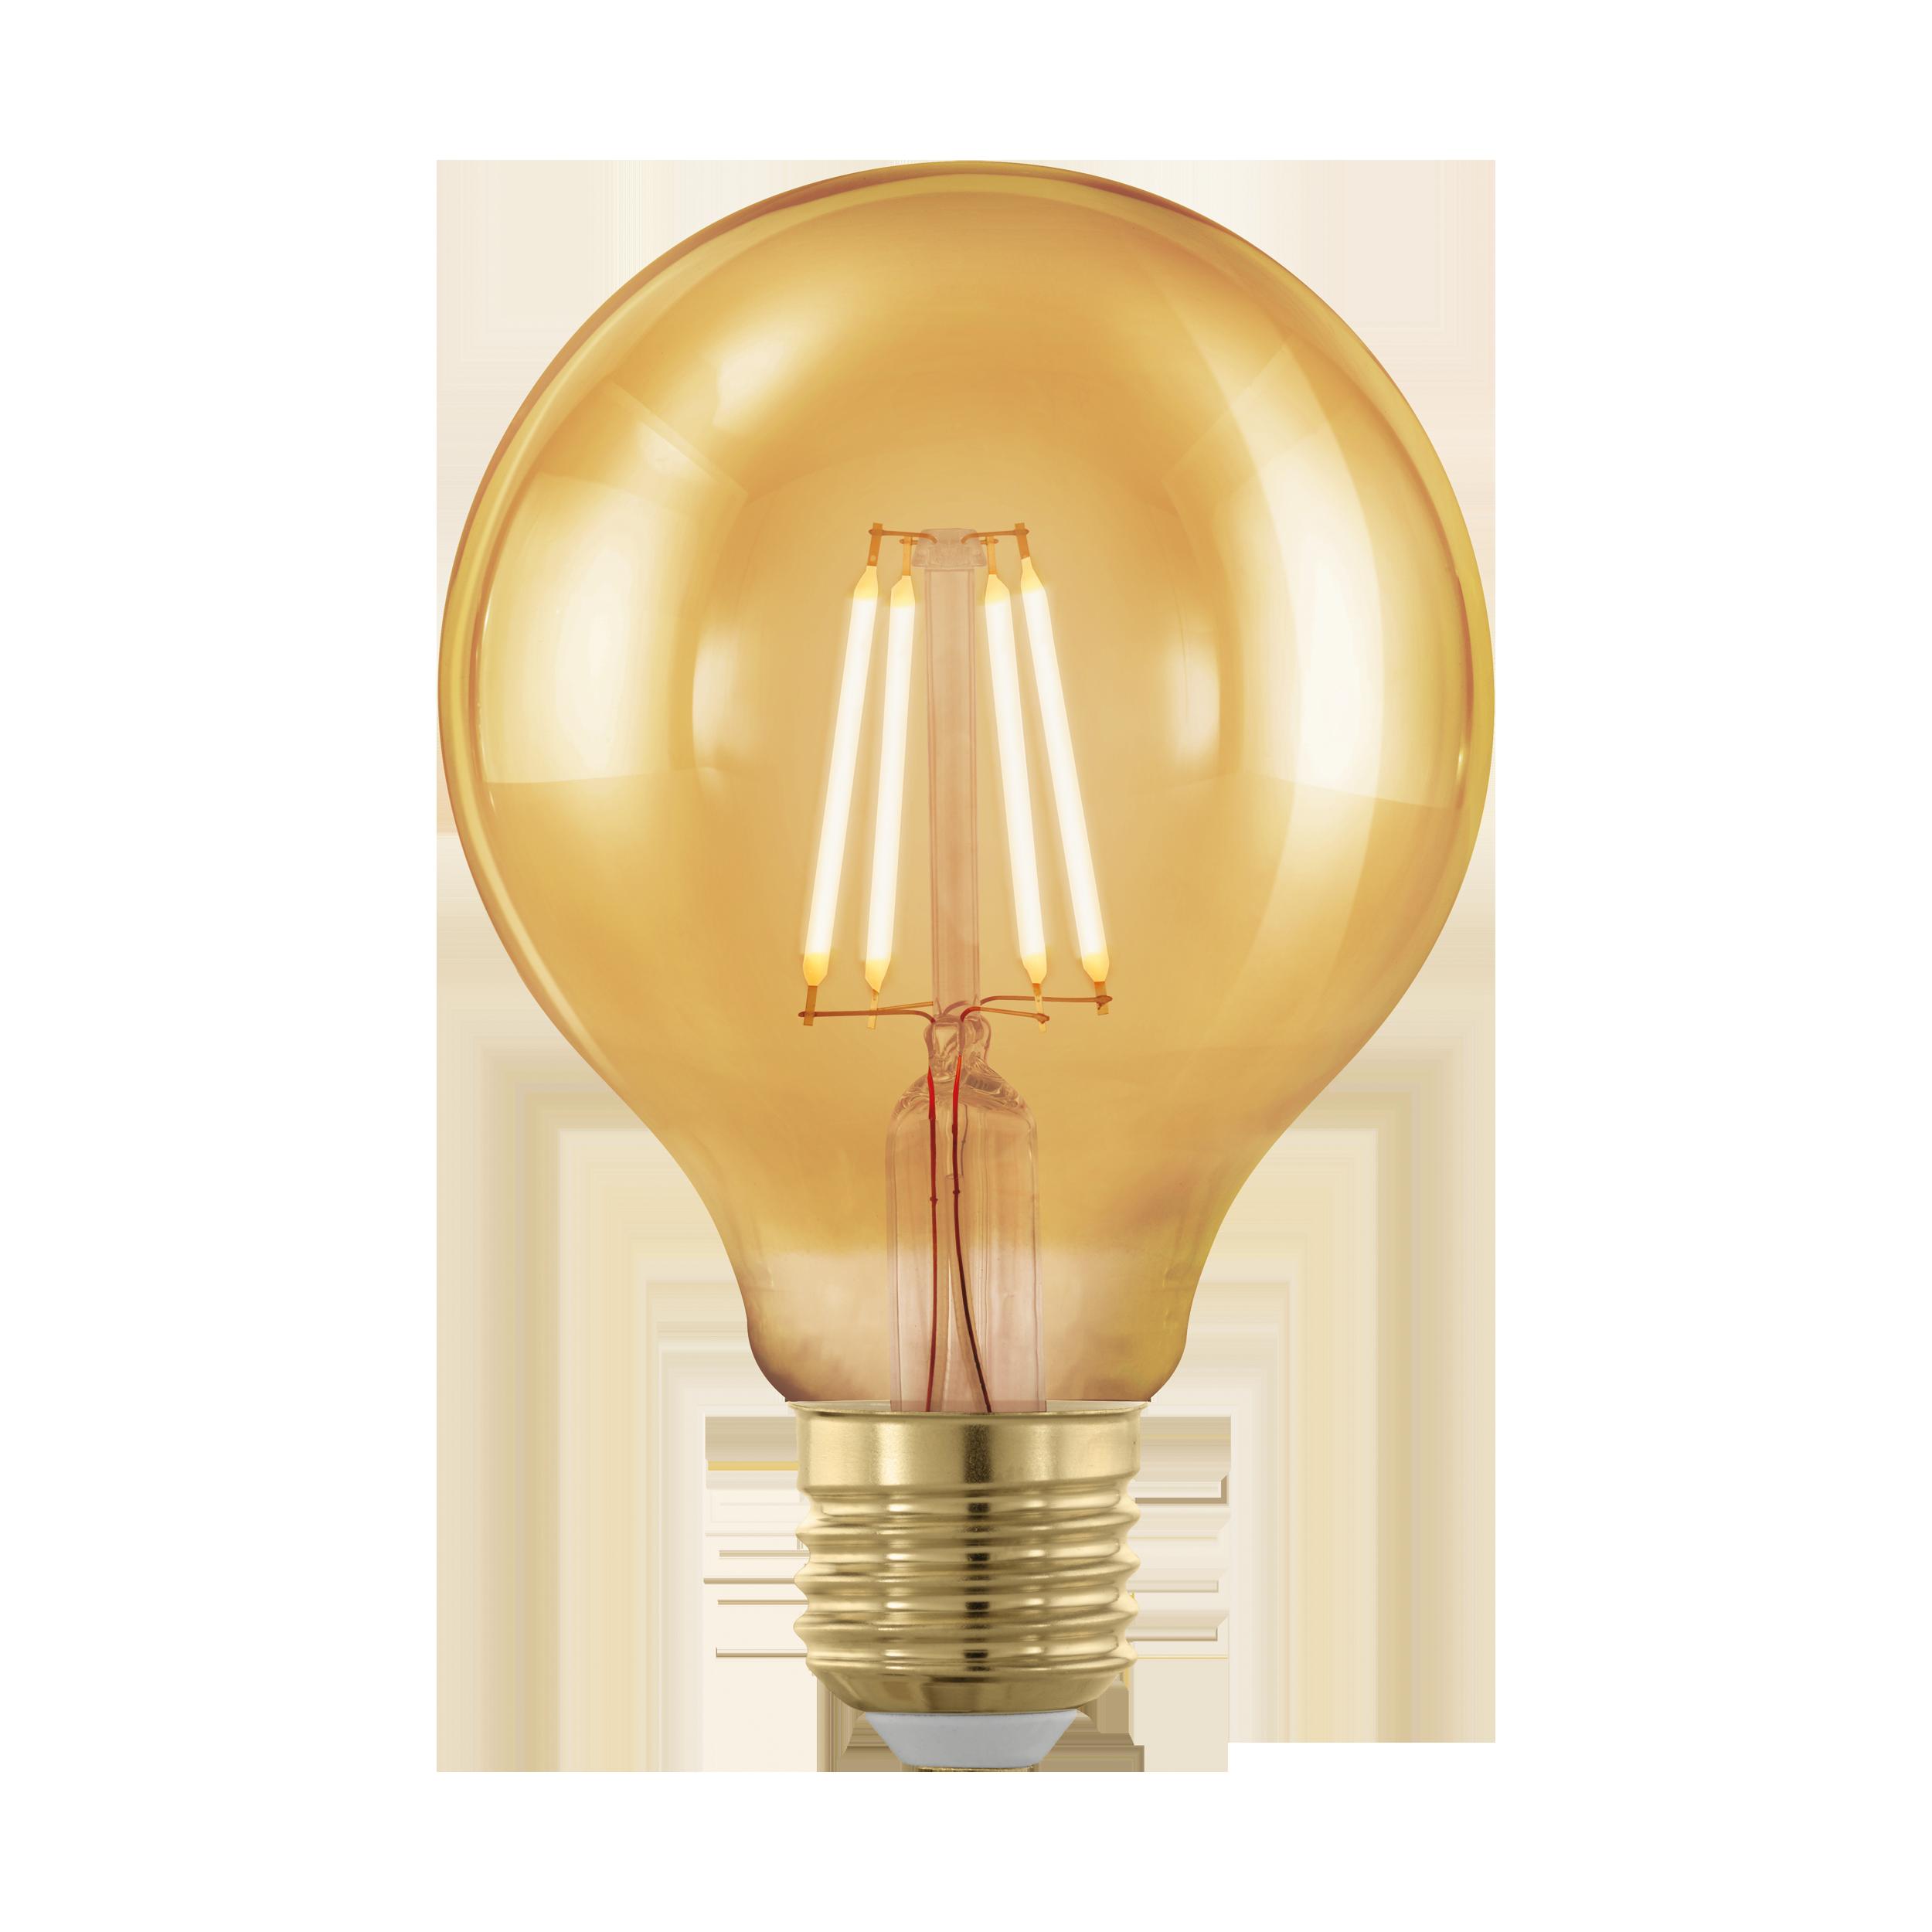 Филаментная светодиодная лампа Eglo 11692 E27 4W, диммируемая - фото 1